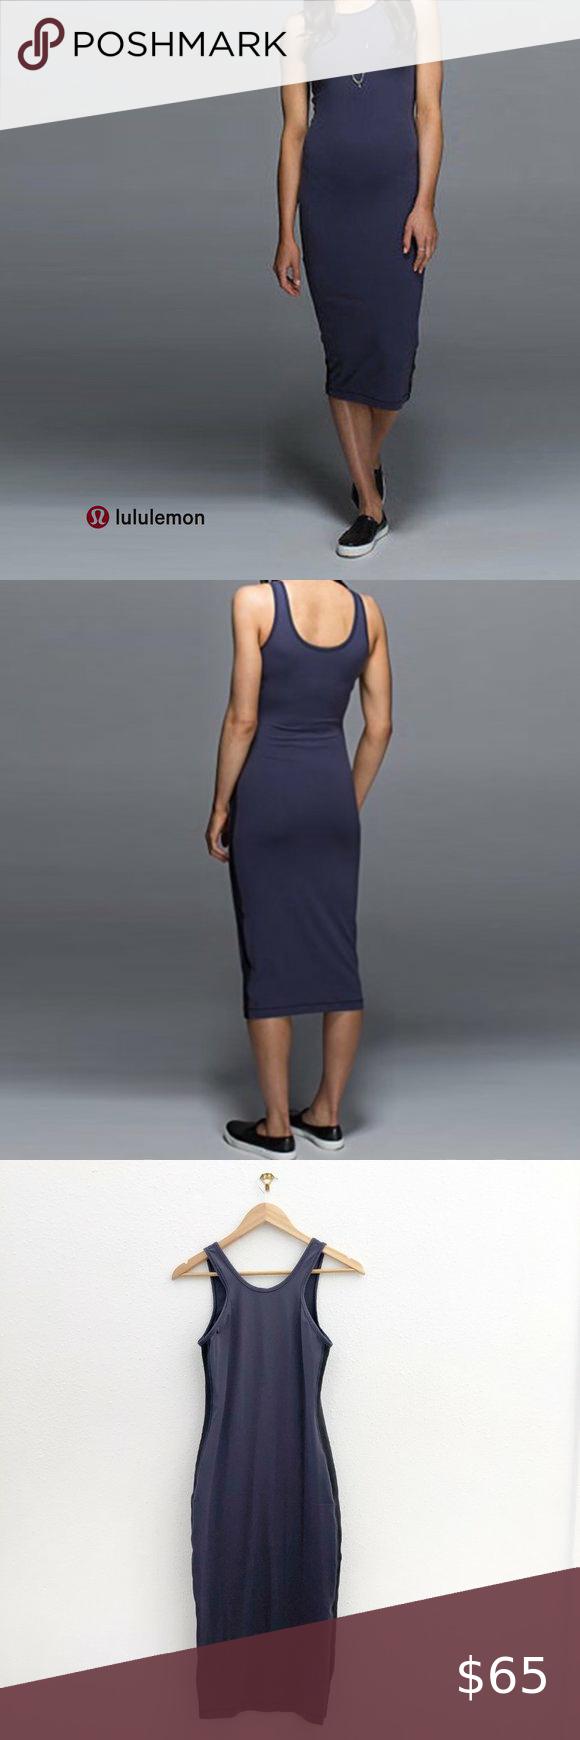 Racerback Bodycon Dress Striped Bodycon Dress Mini Dress Top Shop Dress [ 1530 x 1020 Pixel ]